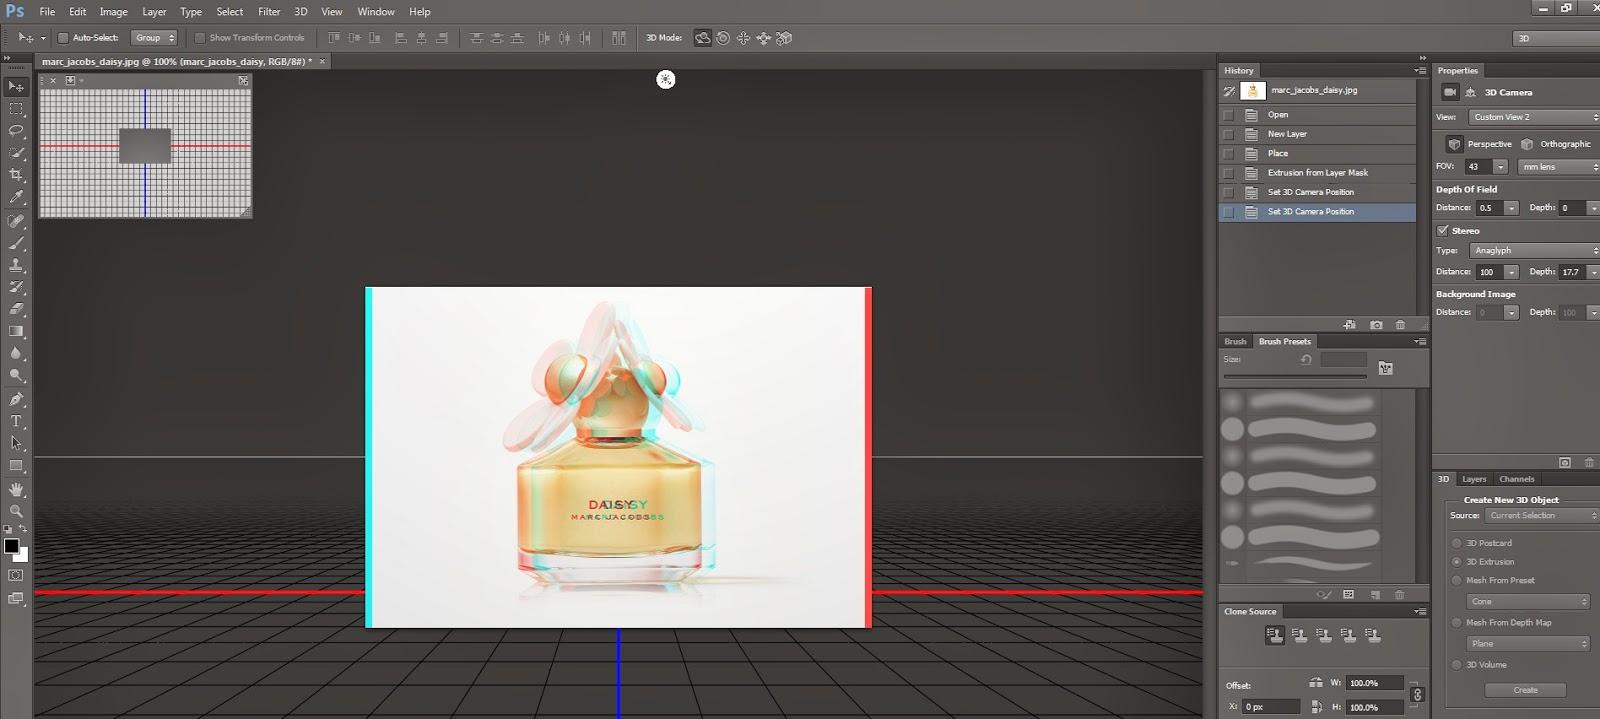 Digital Imaging Software Mod003232 Digital Imaging